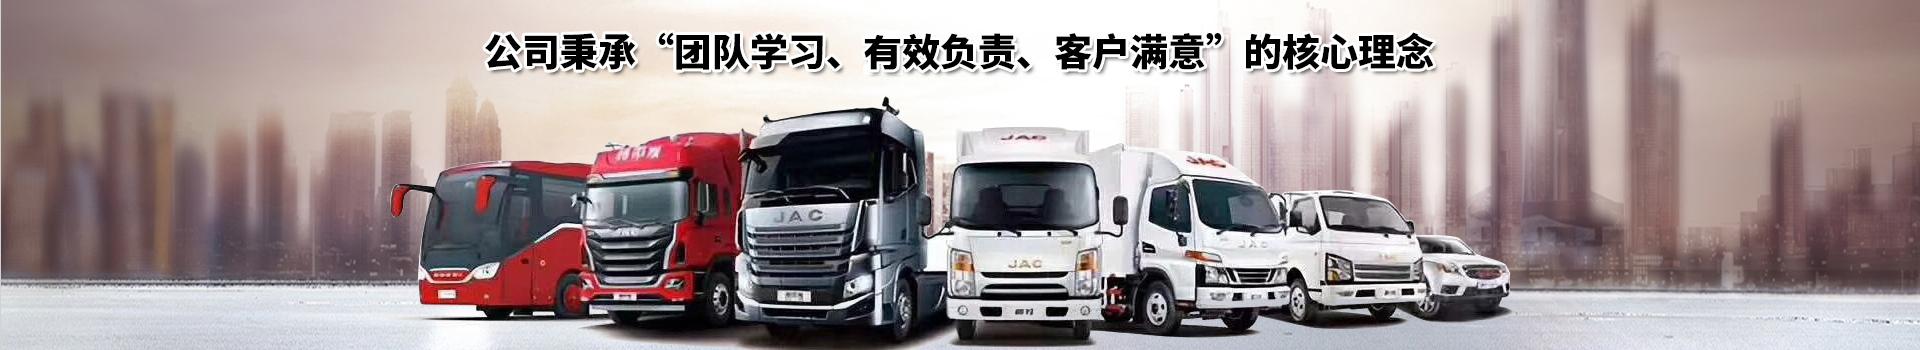 江淮货车4S店